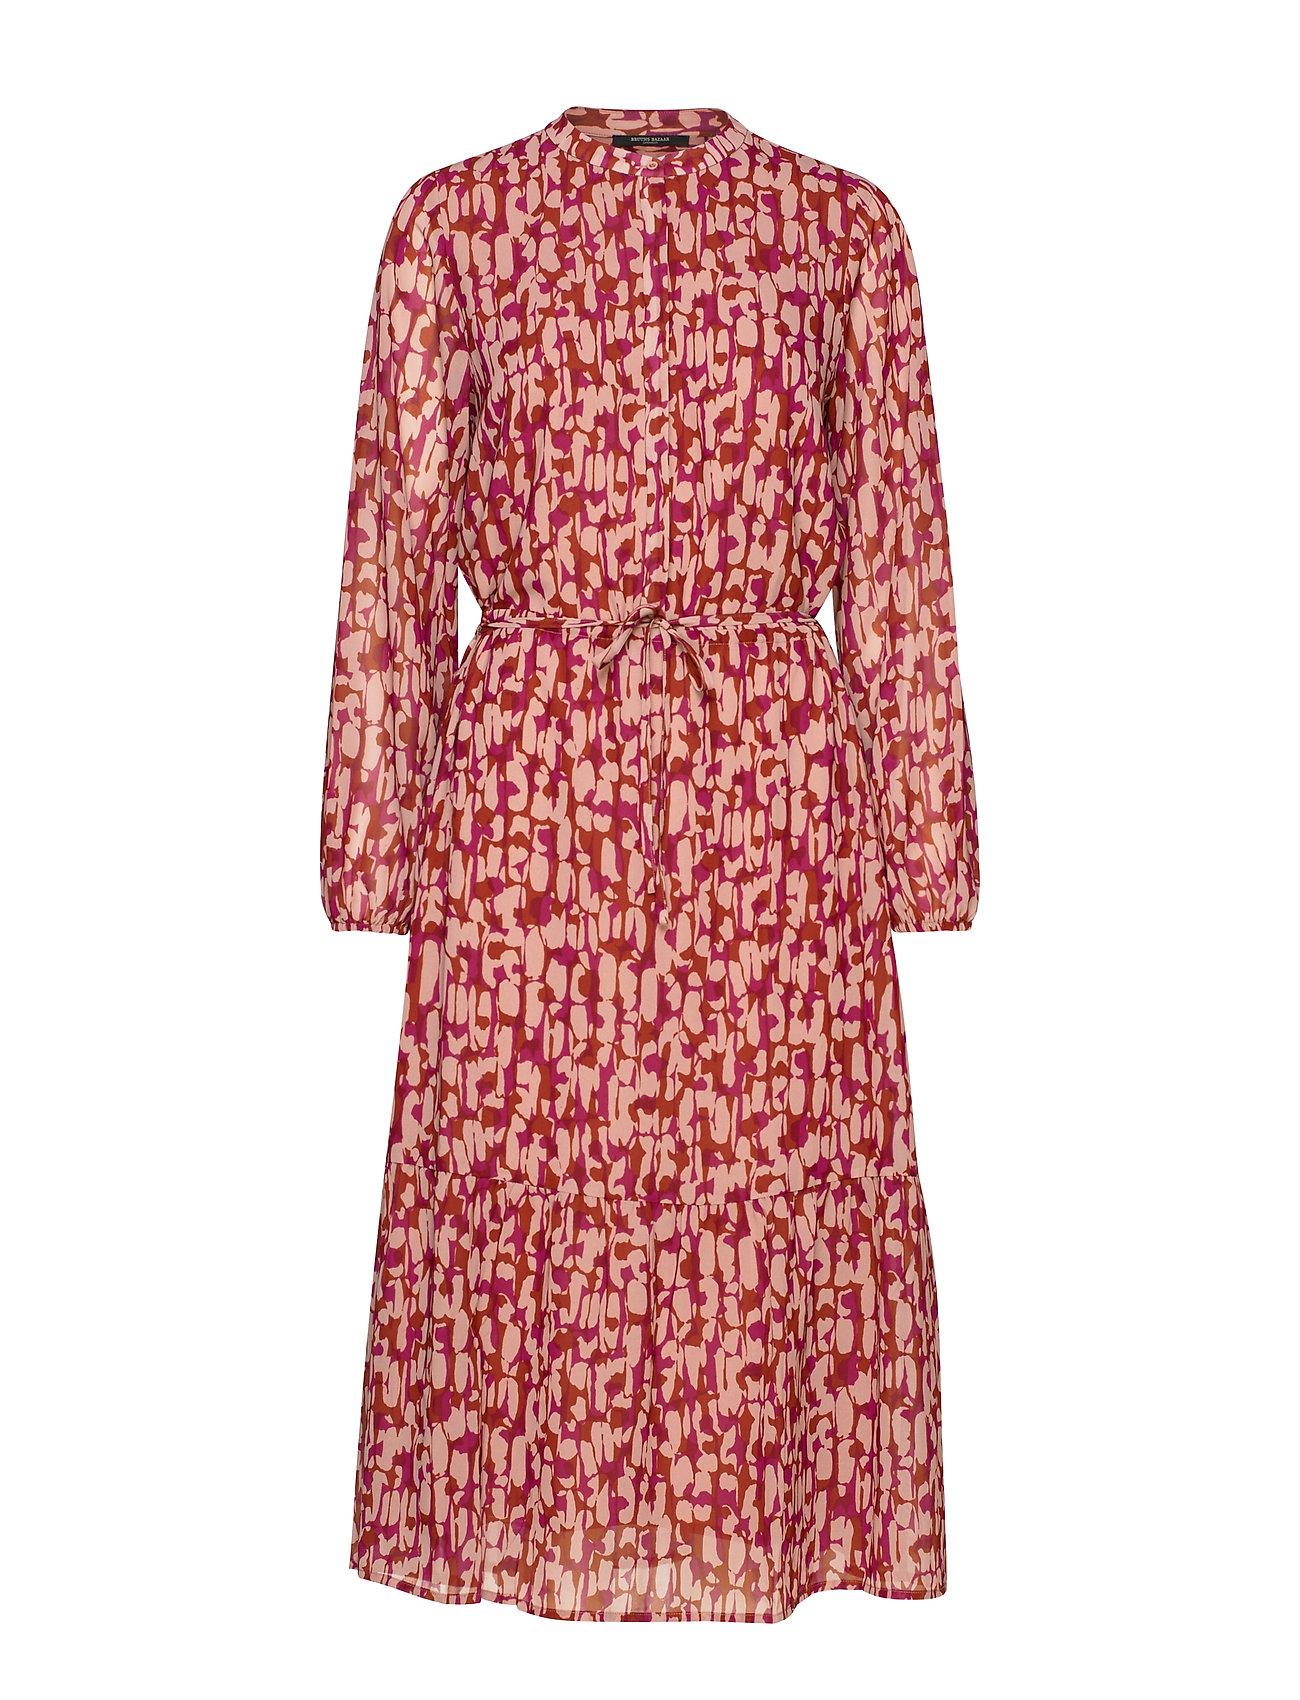 Bruuns Bazaar Structure Tessa Dress - RED RUST - STRUCTURE ARTWORK